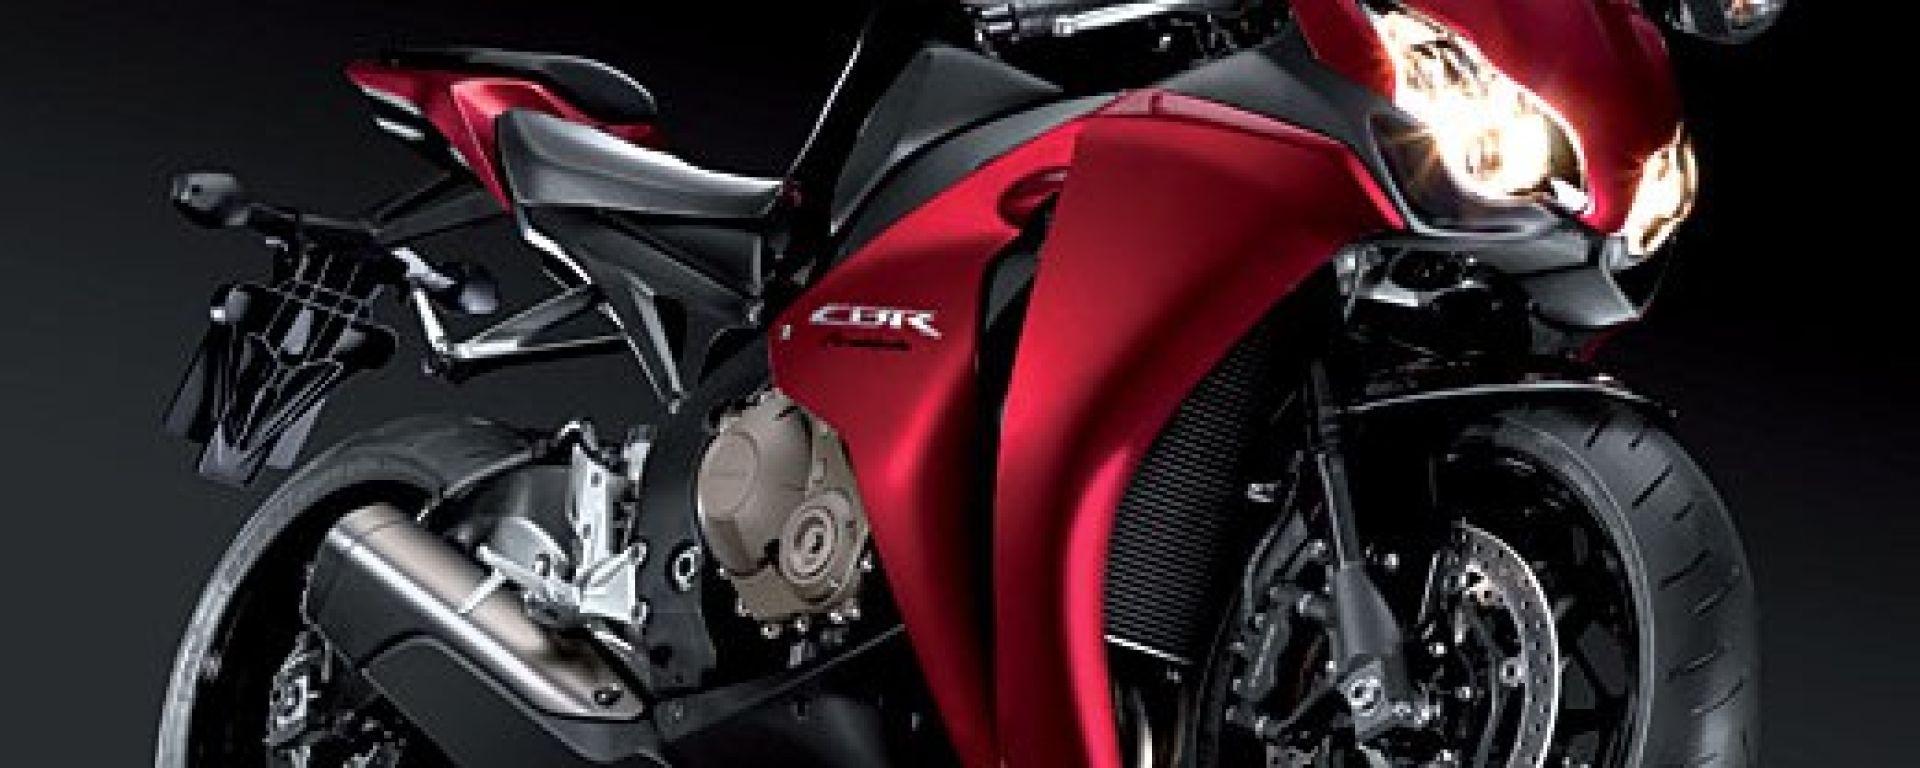 Honda CBR 1000 RR 2008